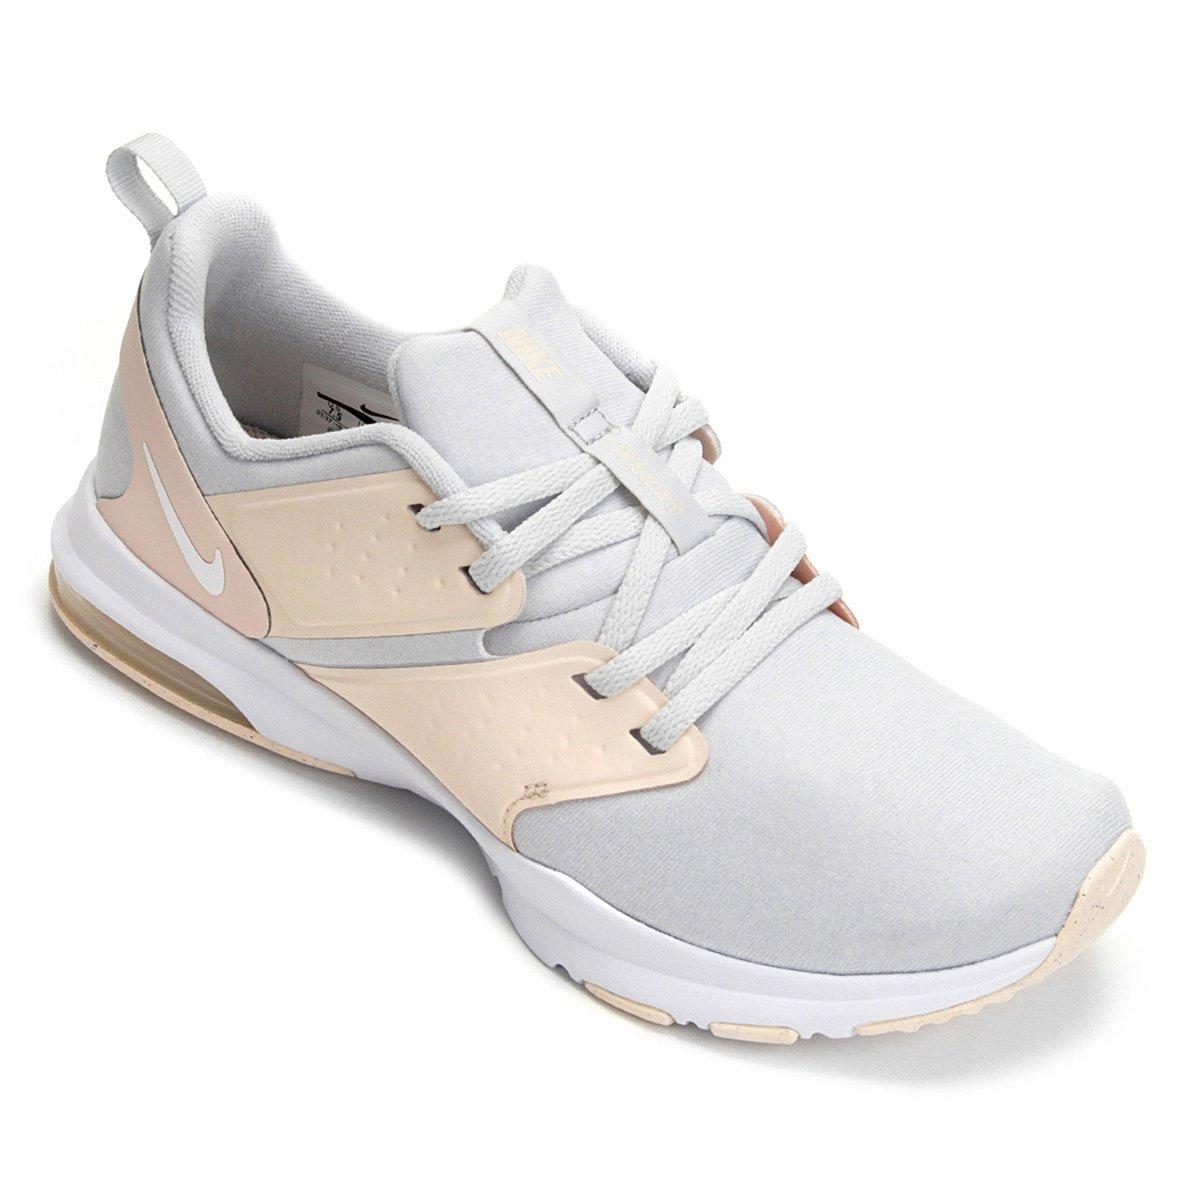 8a05bb43a5a Tênis Nike Air Bella Tr Feminino - Prata e Branco - Compre Agora ...